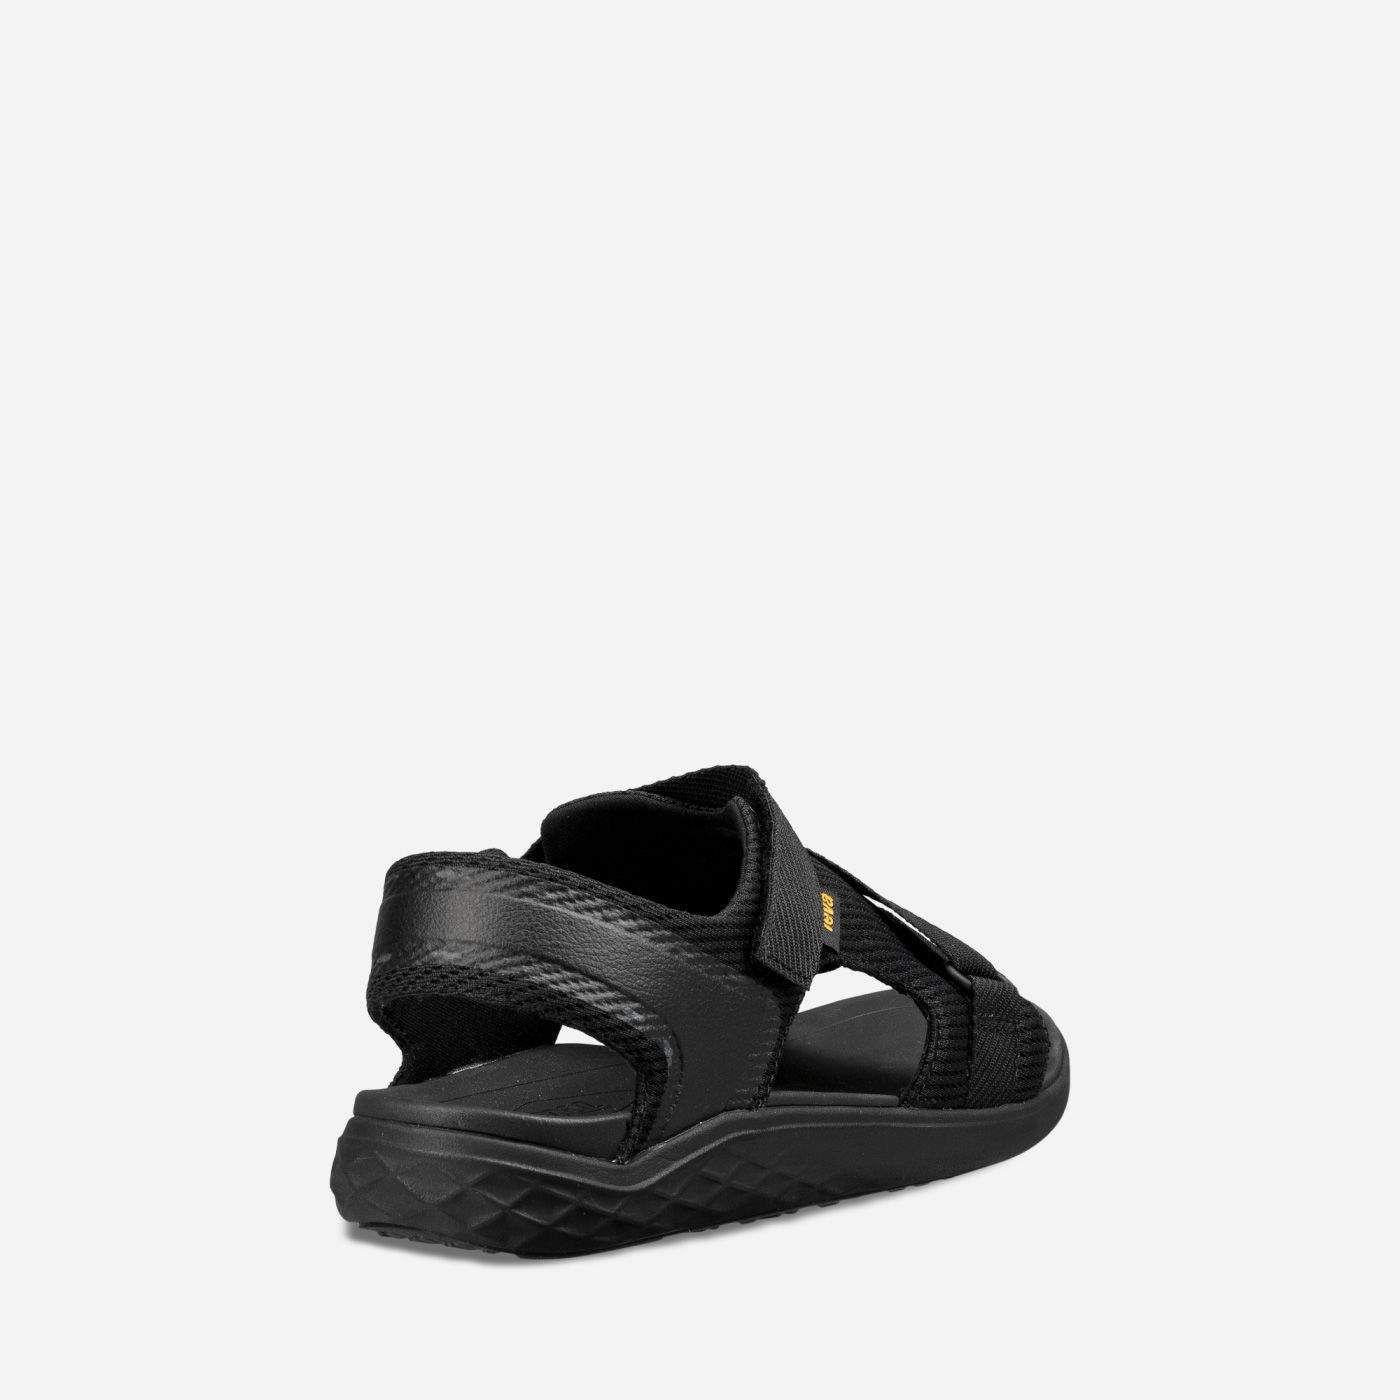 e84204fa1408 TEVA - Outdoor Sandal